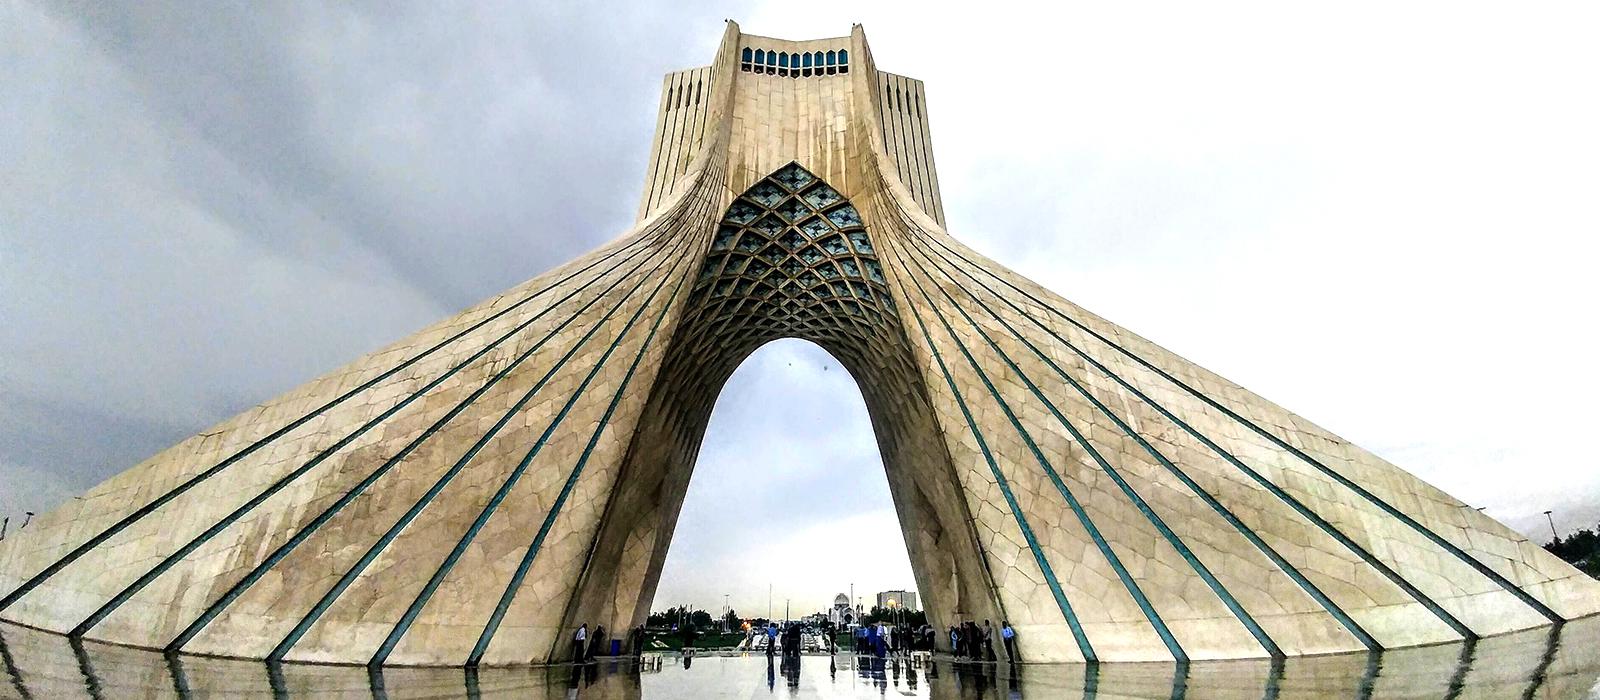 Voyage organisé en petit groupe - Azadi Square, Téhéran - Iran - Agence de voyage Les Routes du Monde